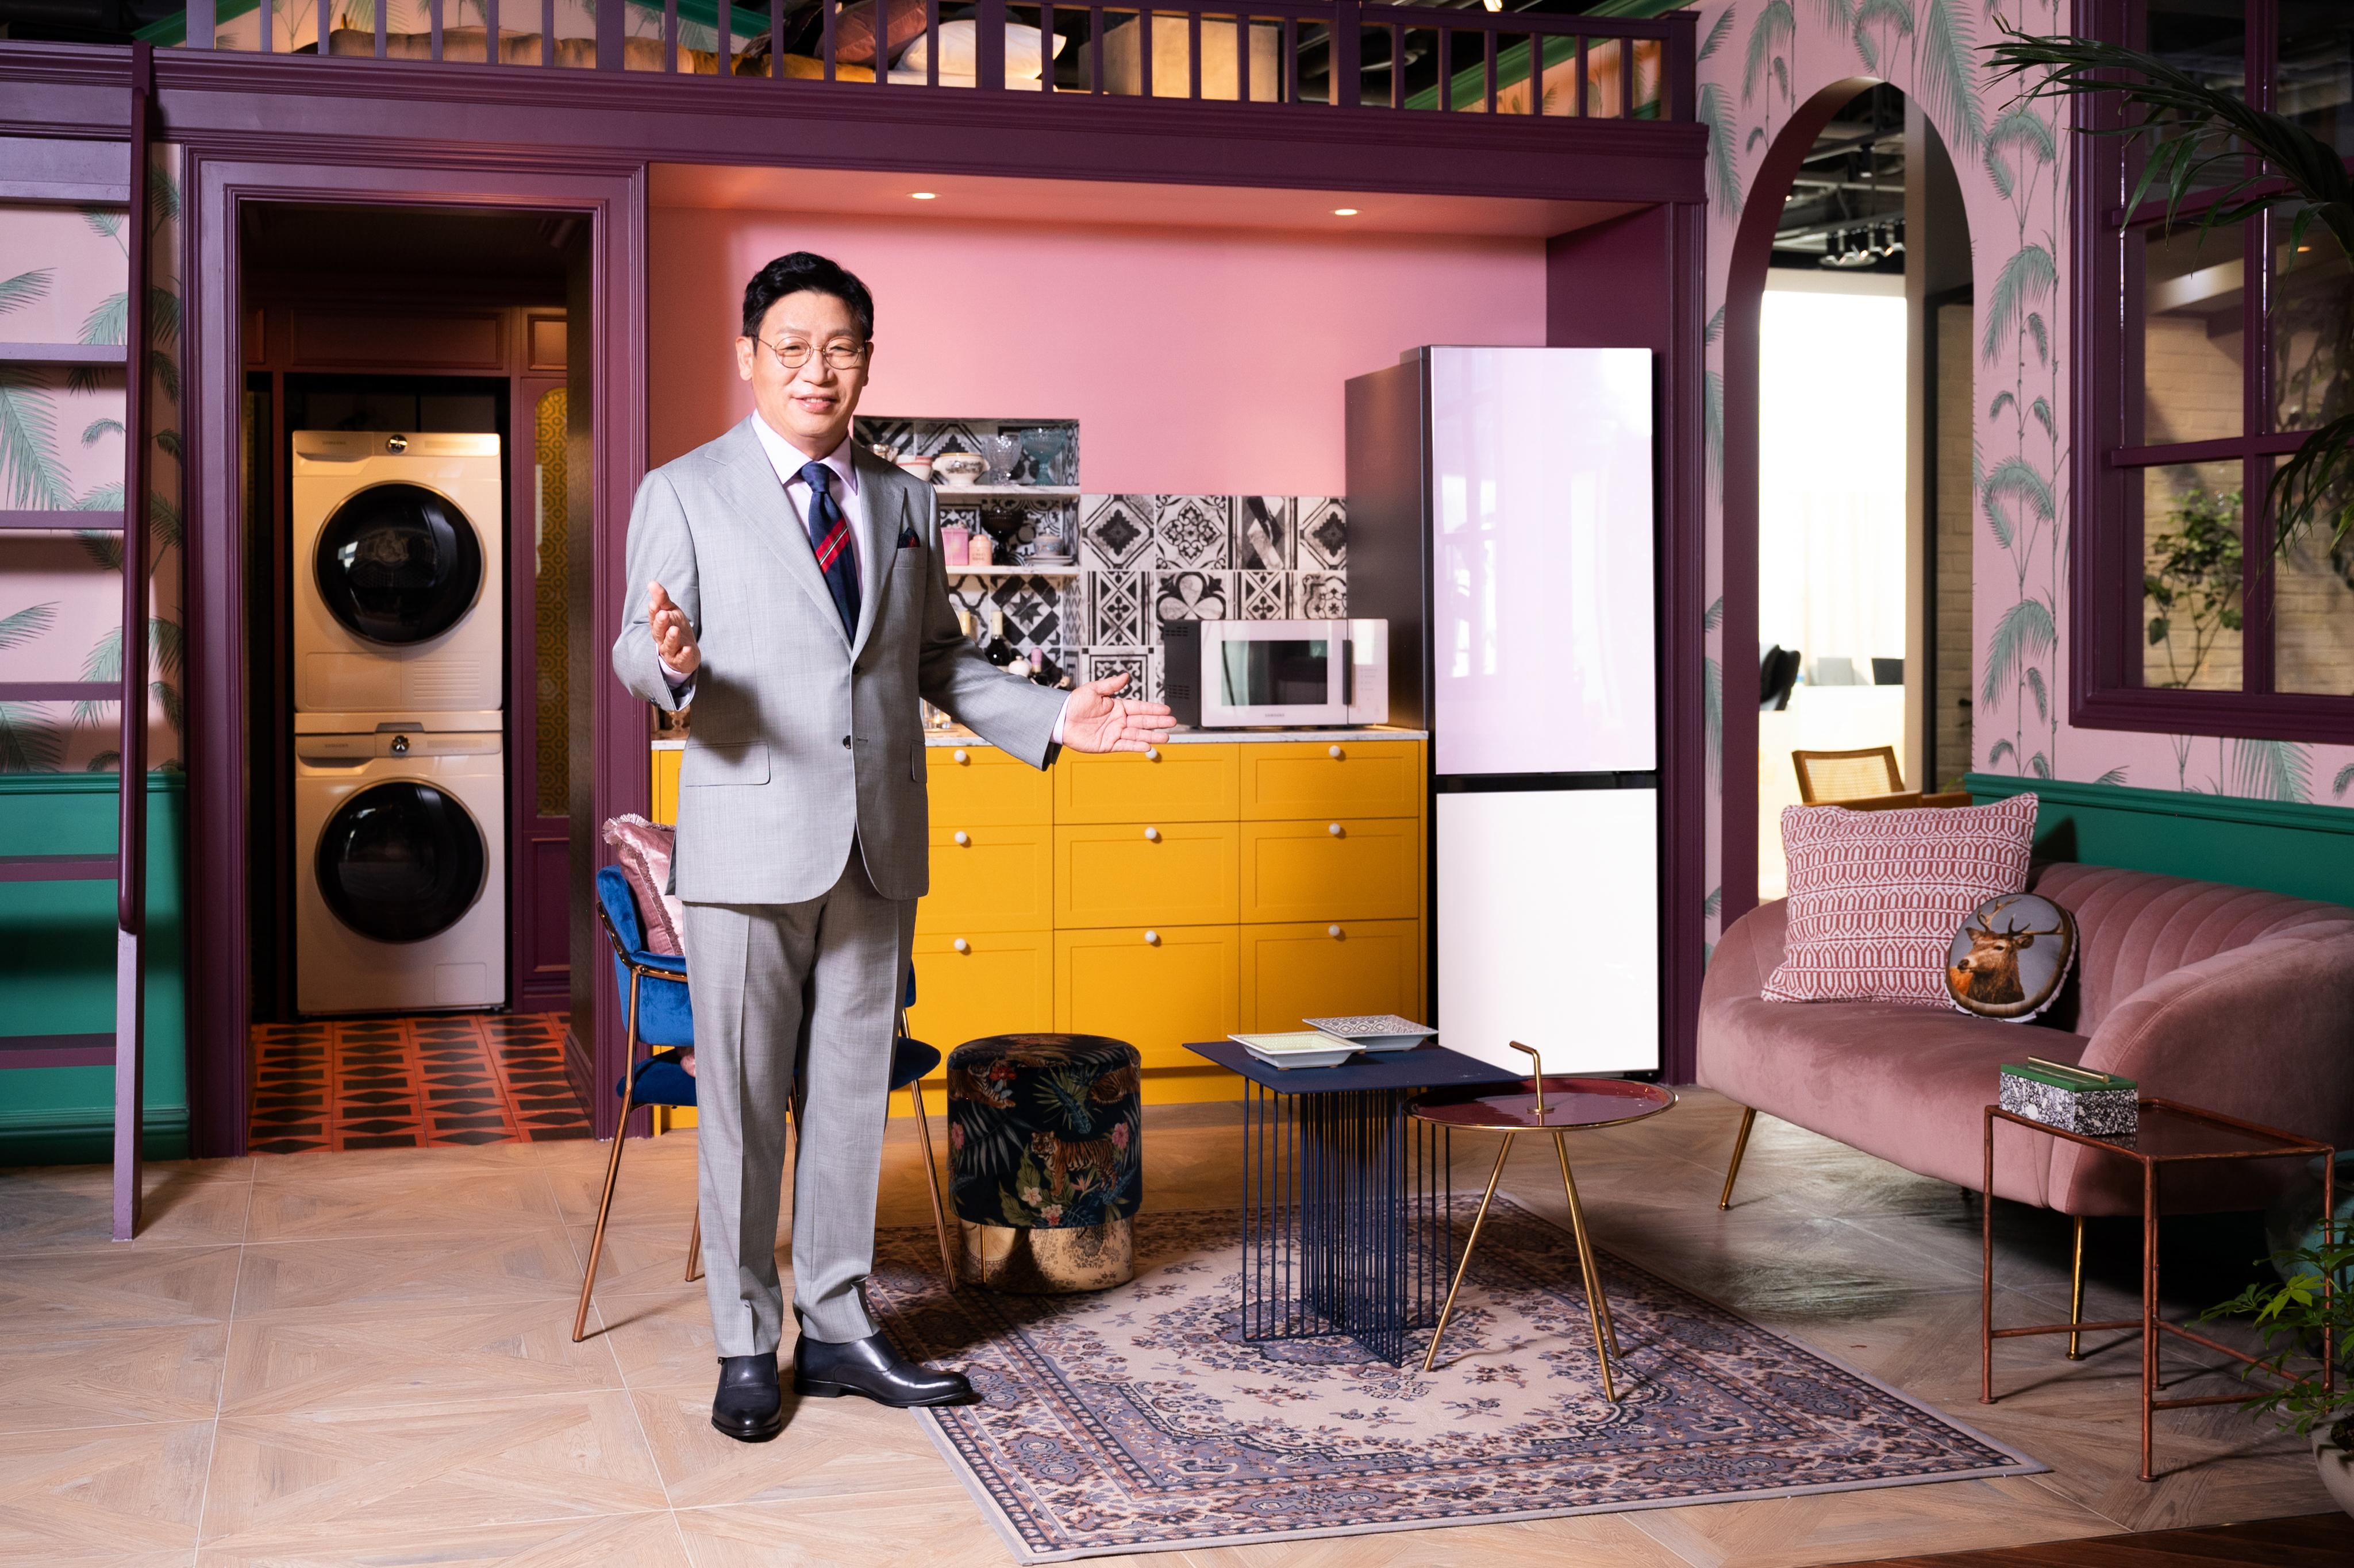 Bespoke President JaeSung Lee